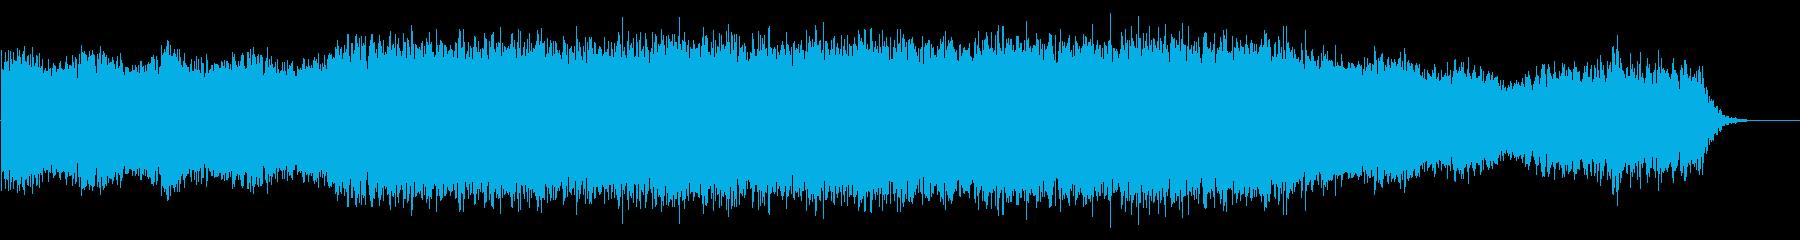 アンビエント・神秘的・リラックス・時計Kの再生済みの波形